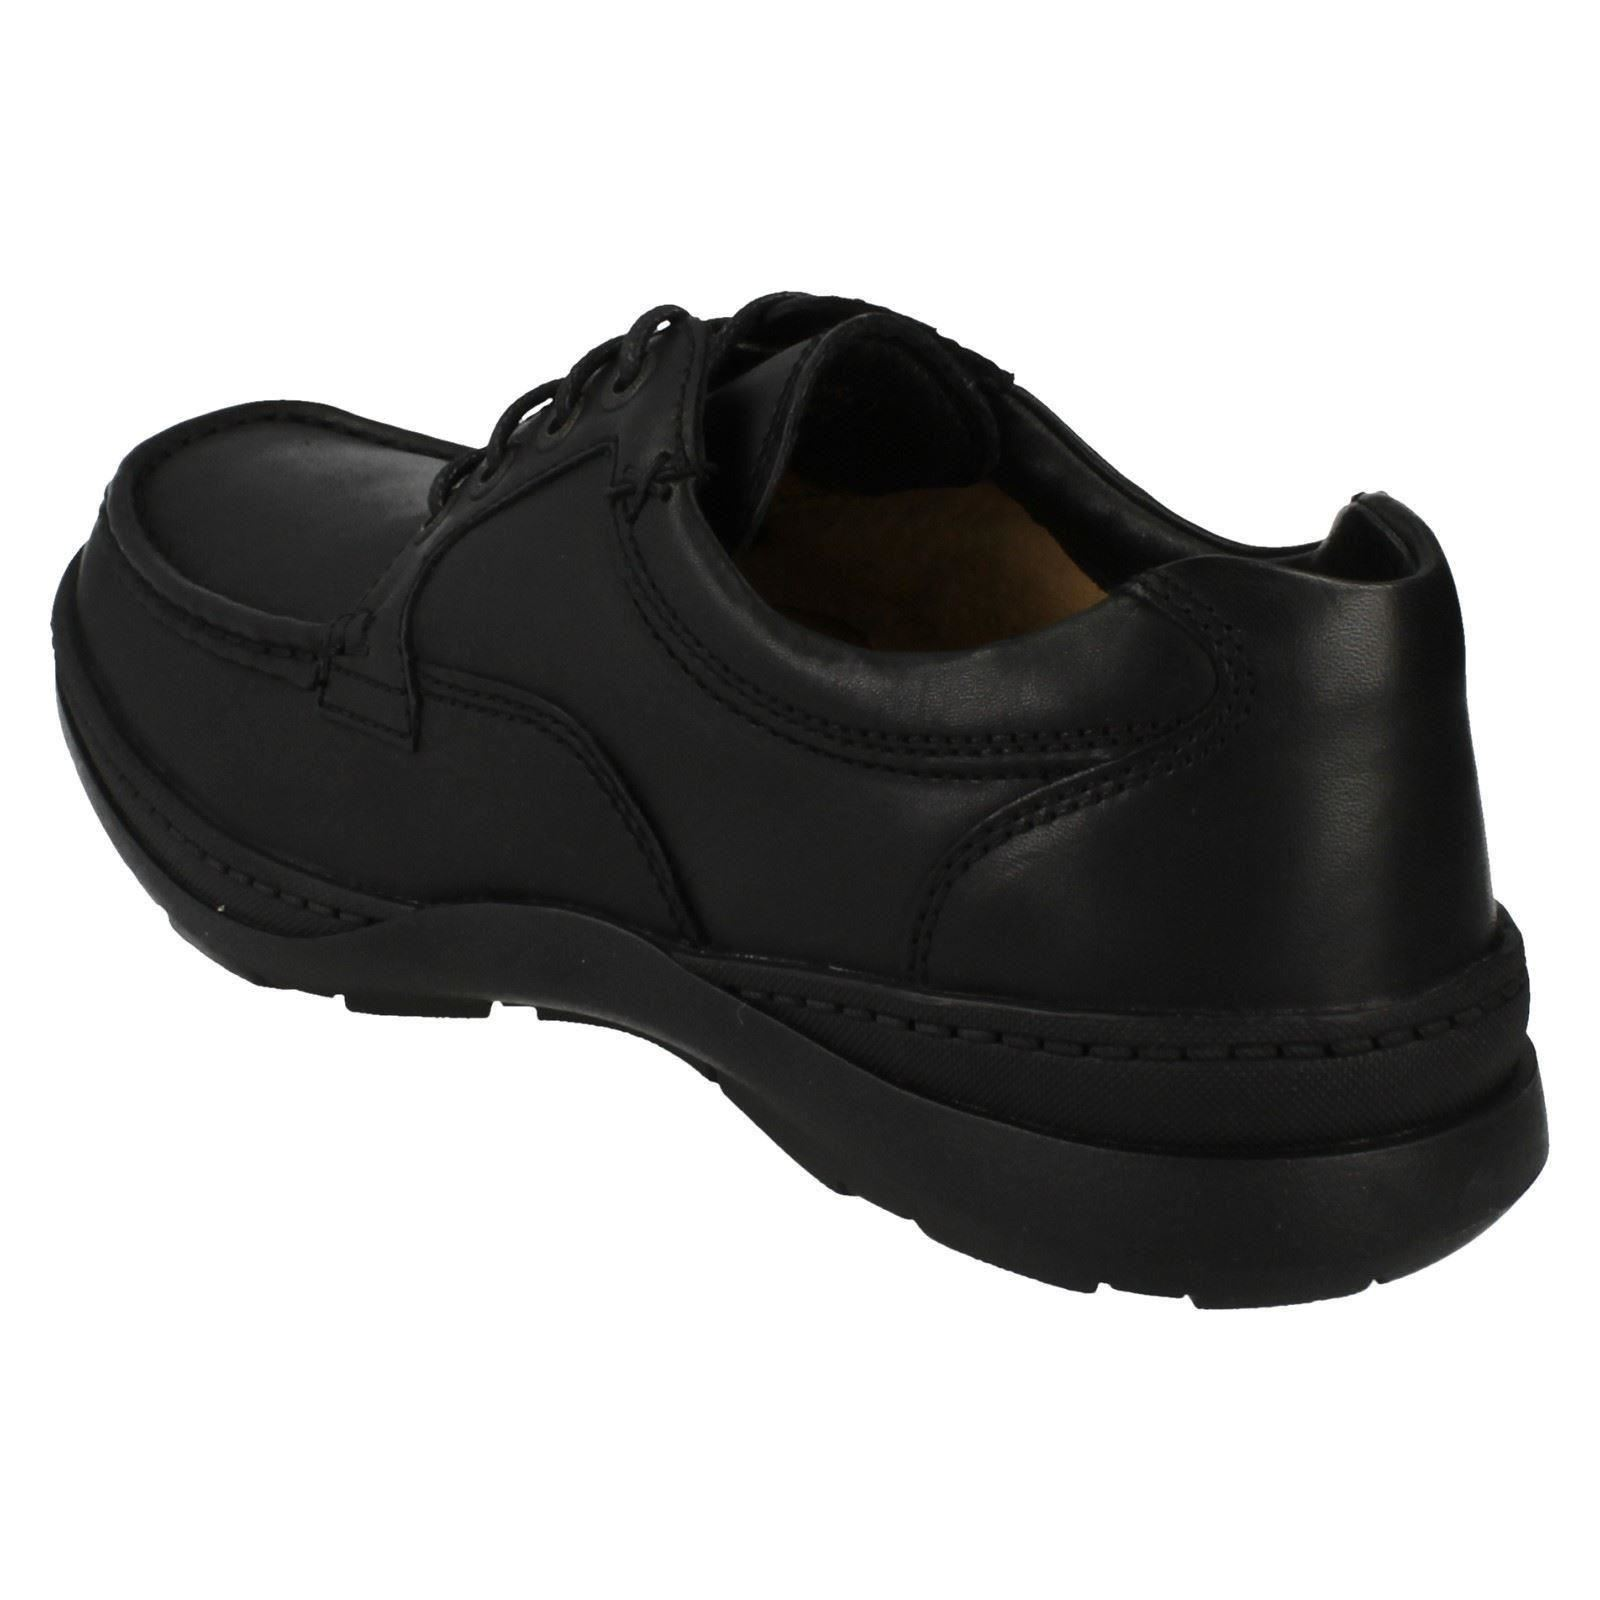 Para Hombre Clarks Casuales Zapatos Casuales Clarks Estilo-Línea día a3cfe9